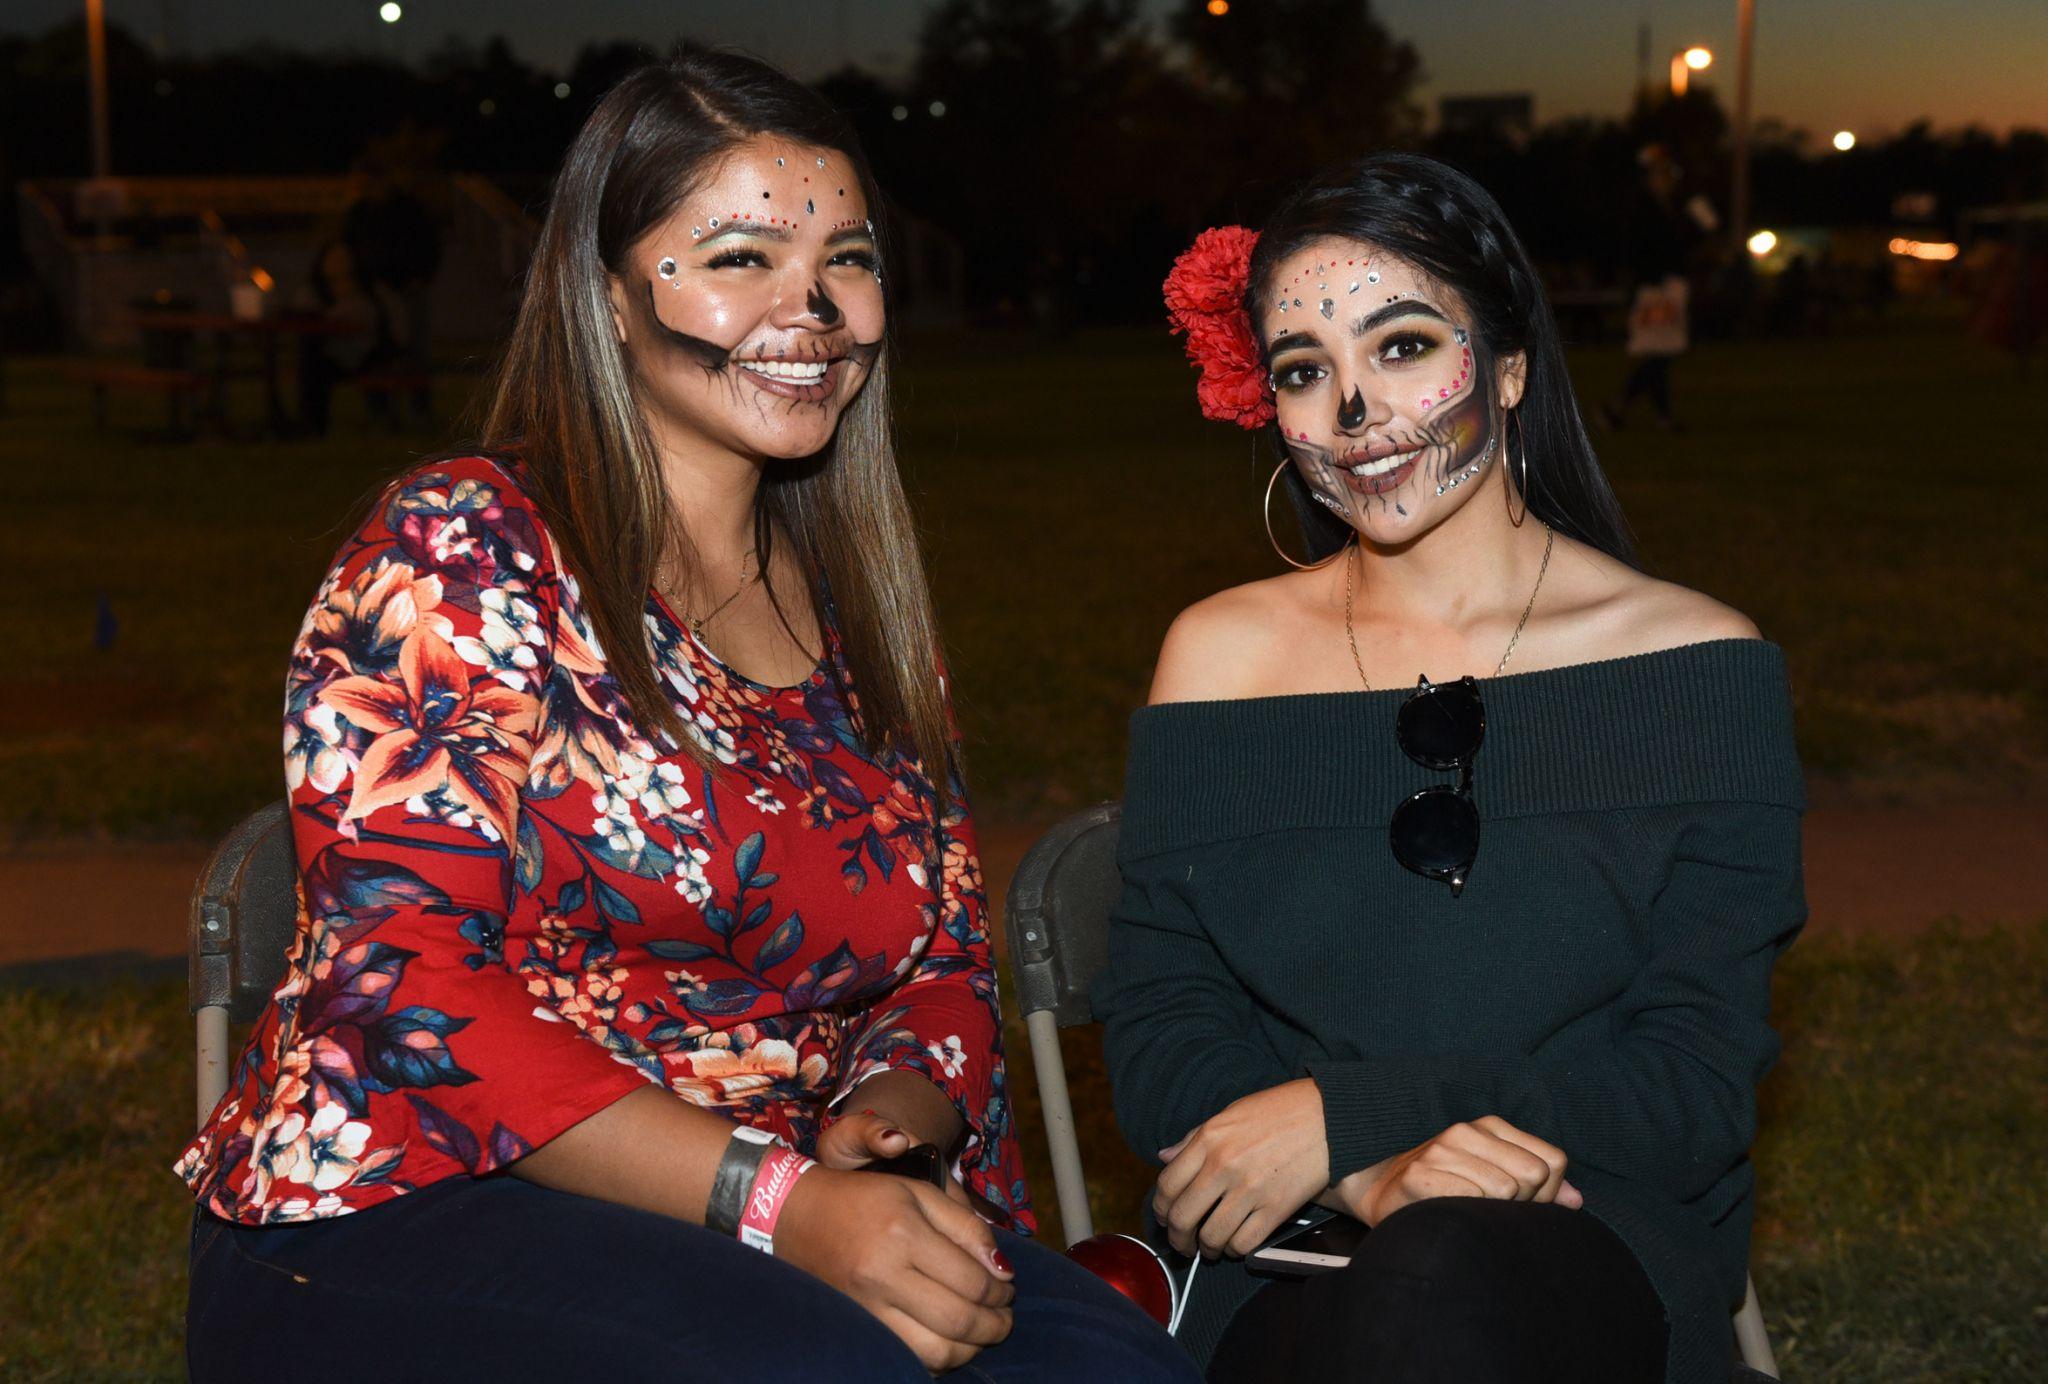 Photos: Laredoans celebrate Dia de los Muertos at Jamboozie Fest